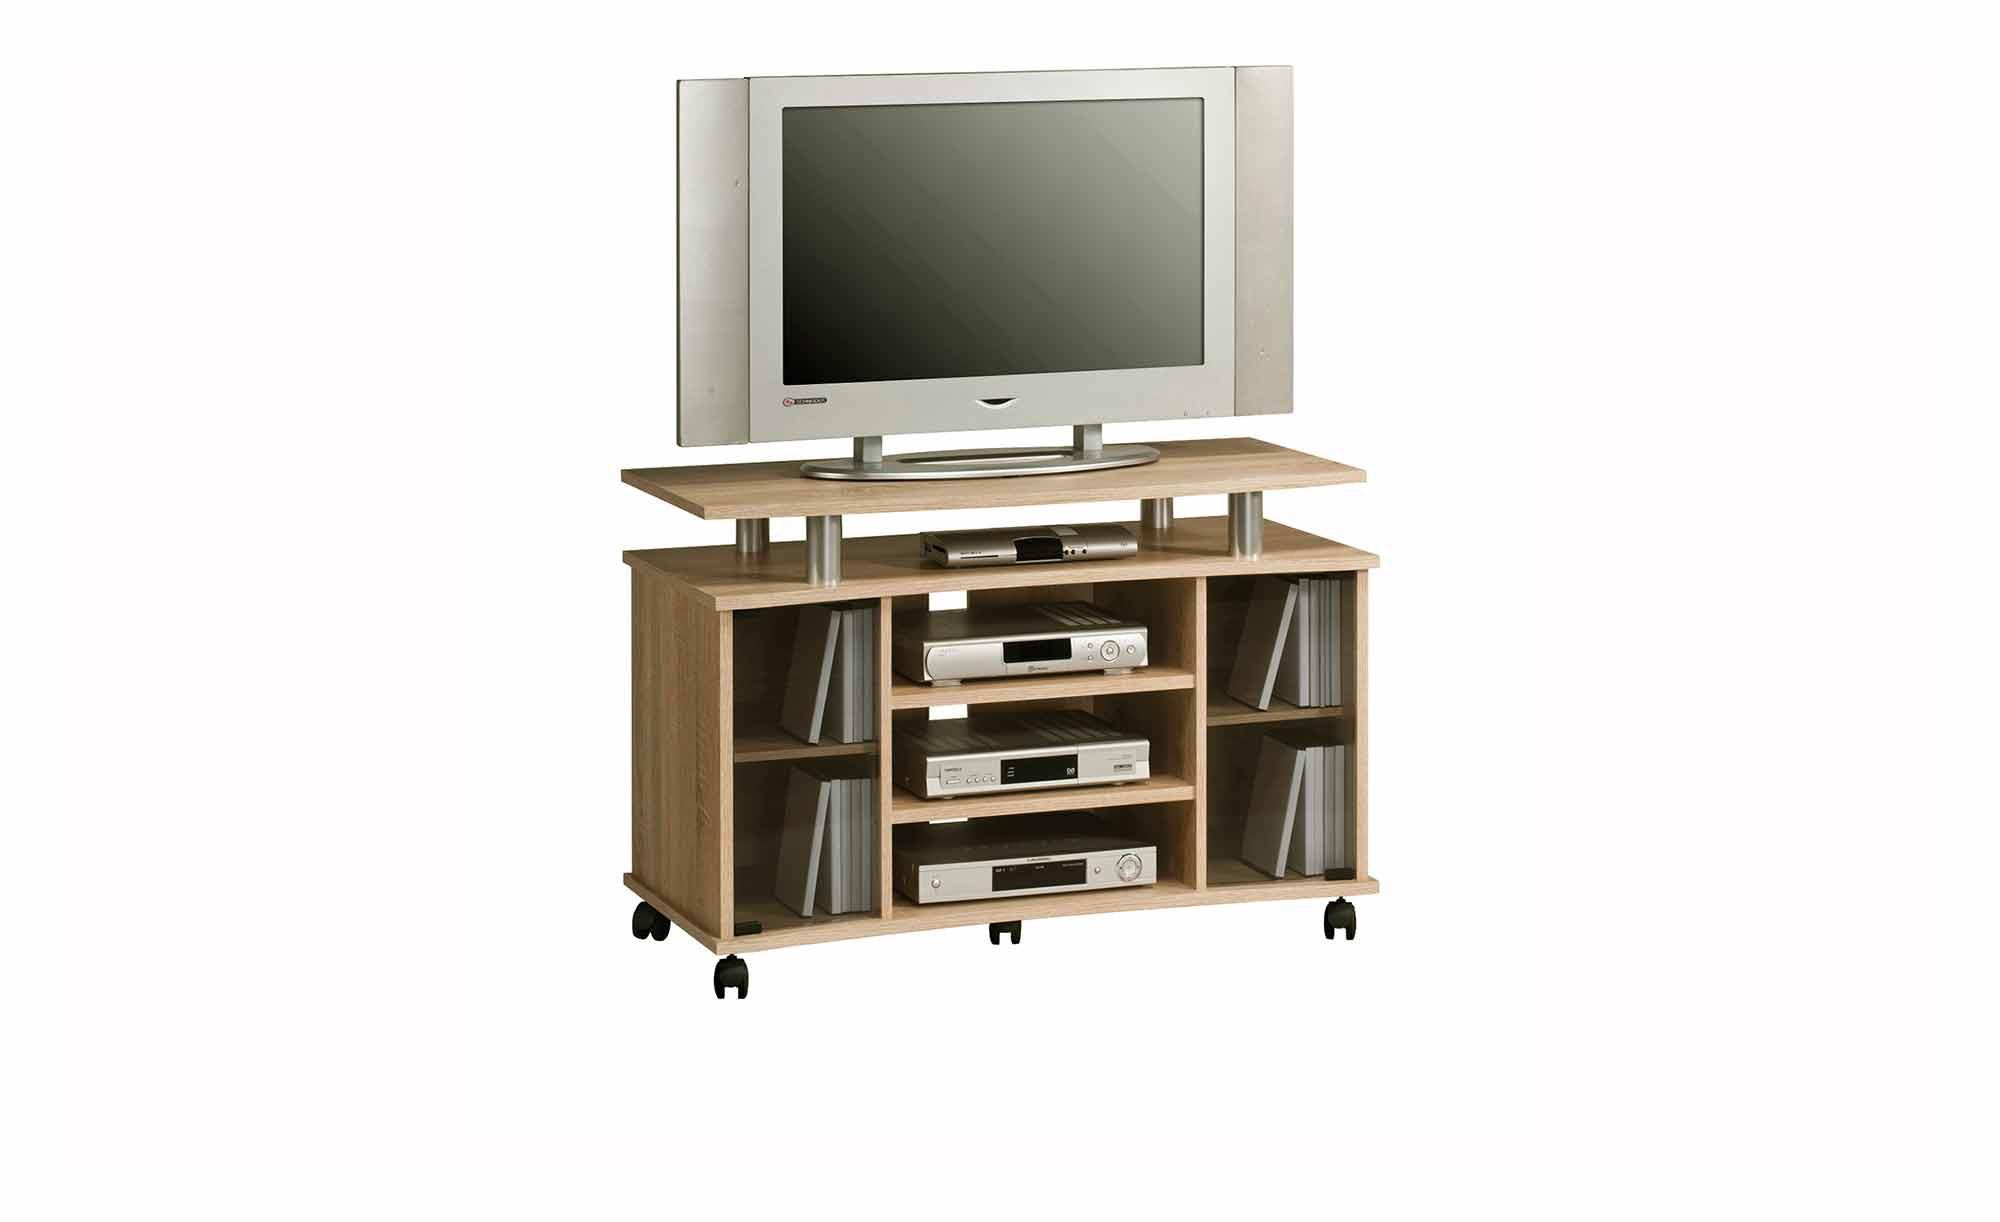 tv m bel mit rollen manuel bei m bel heinrich online entdecken. Black Bedroom Furniture Sets. Home Design Ideas